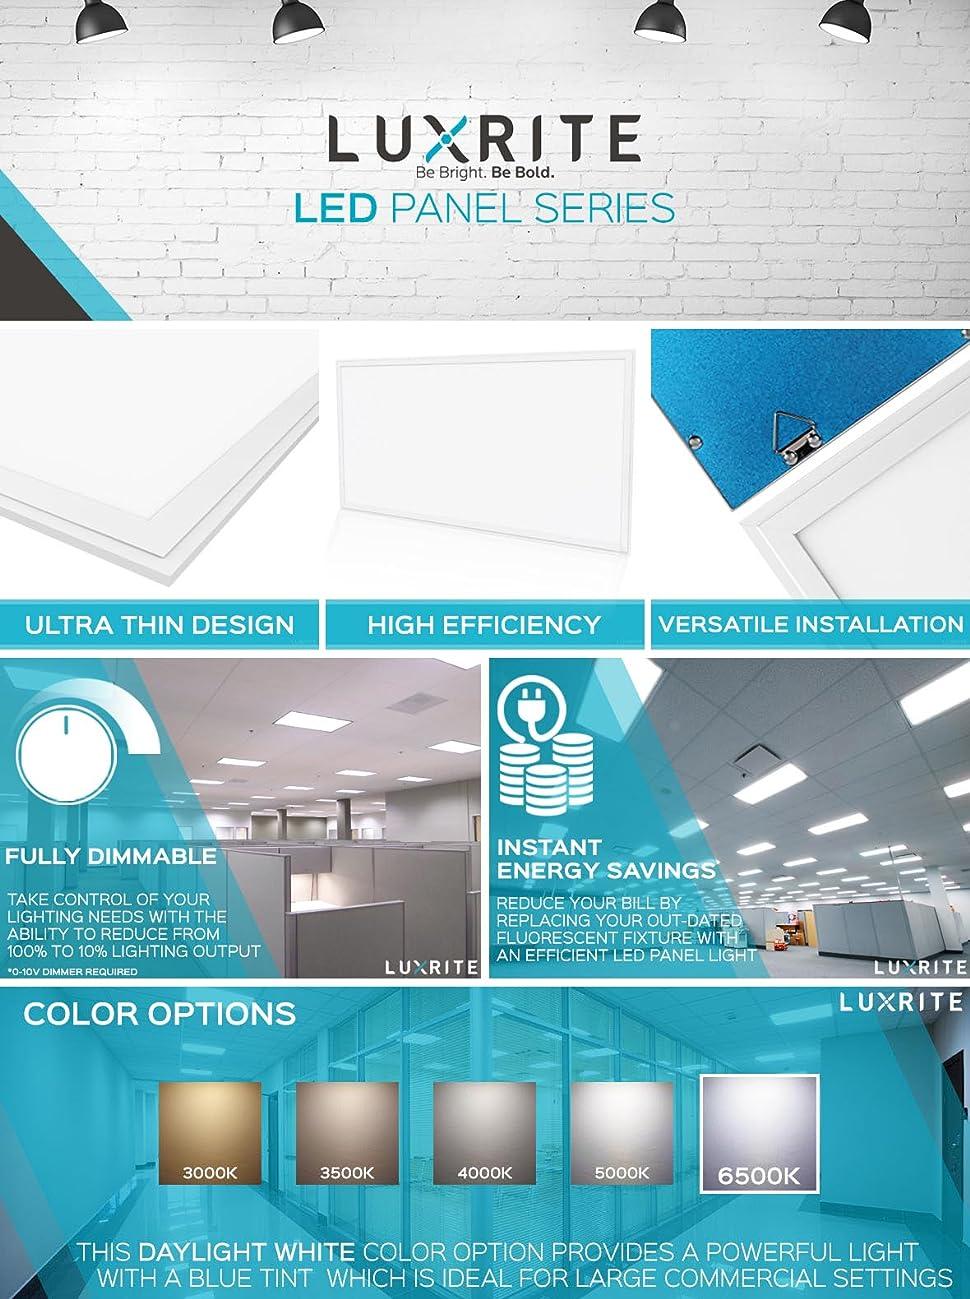 4 Pack 2x4 Ft Led Panel Light Luxrite 72w 6500k